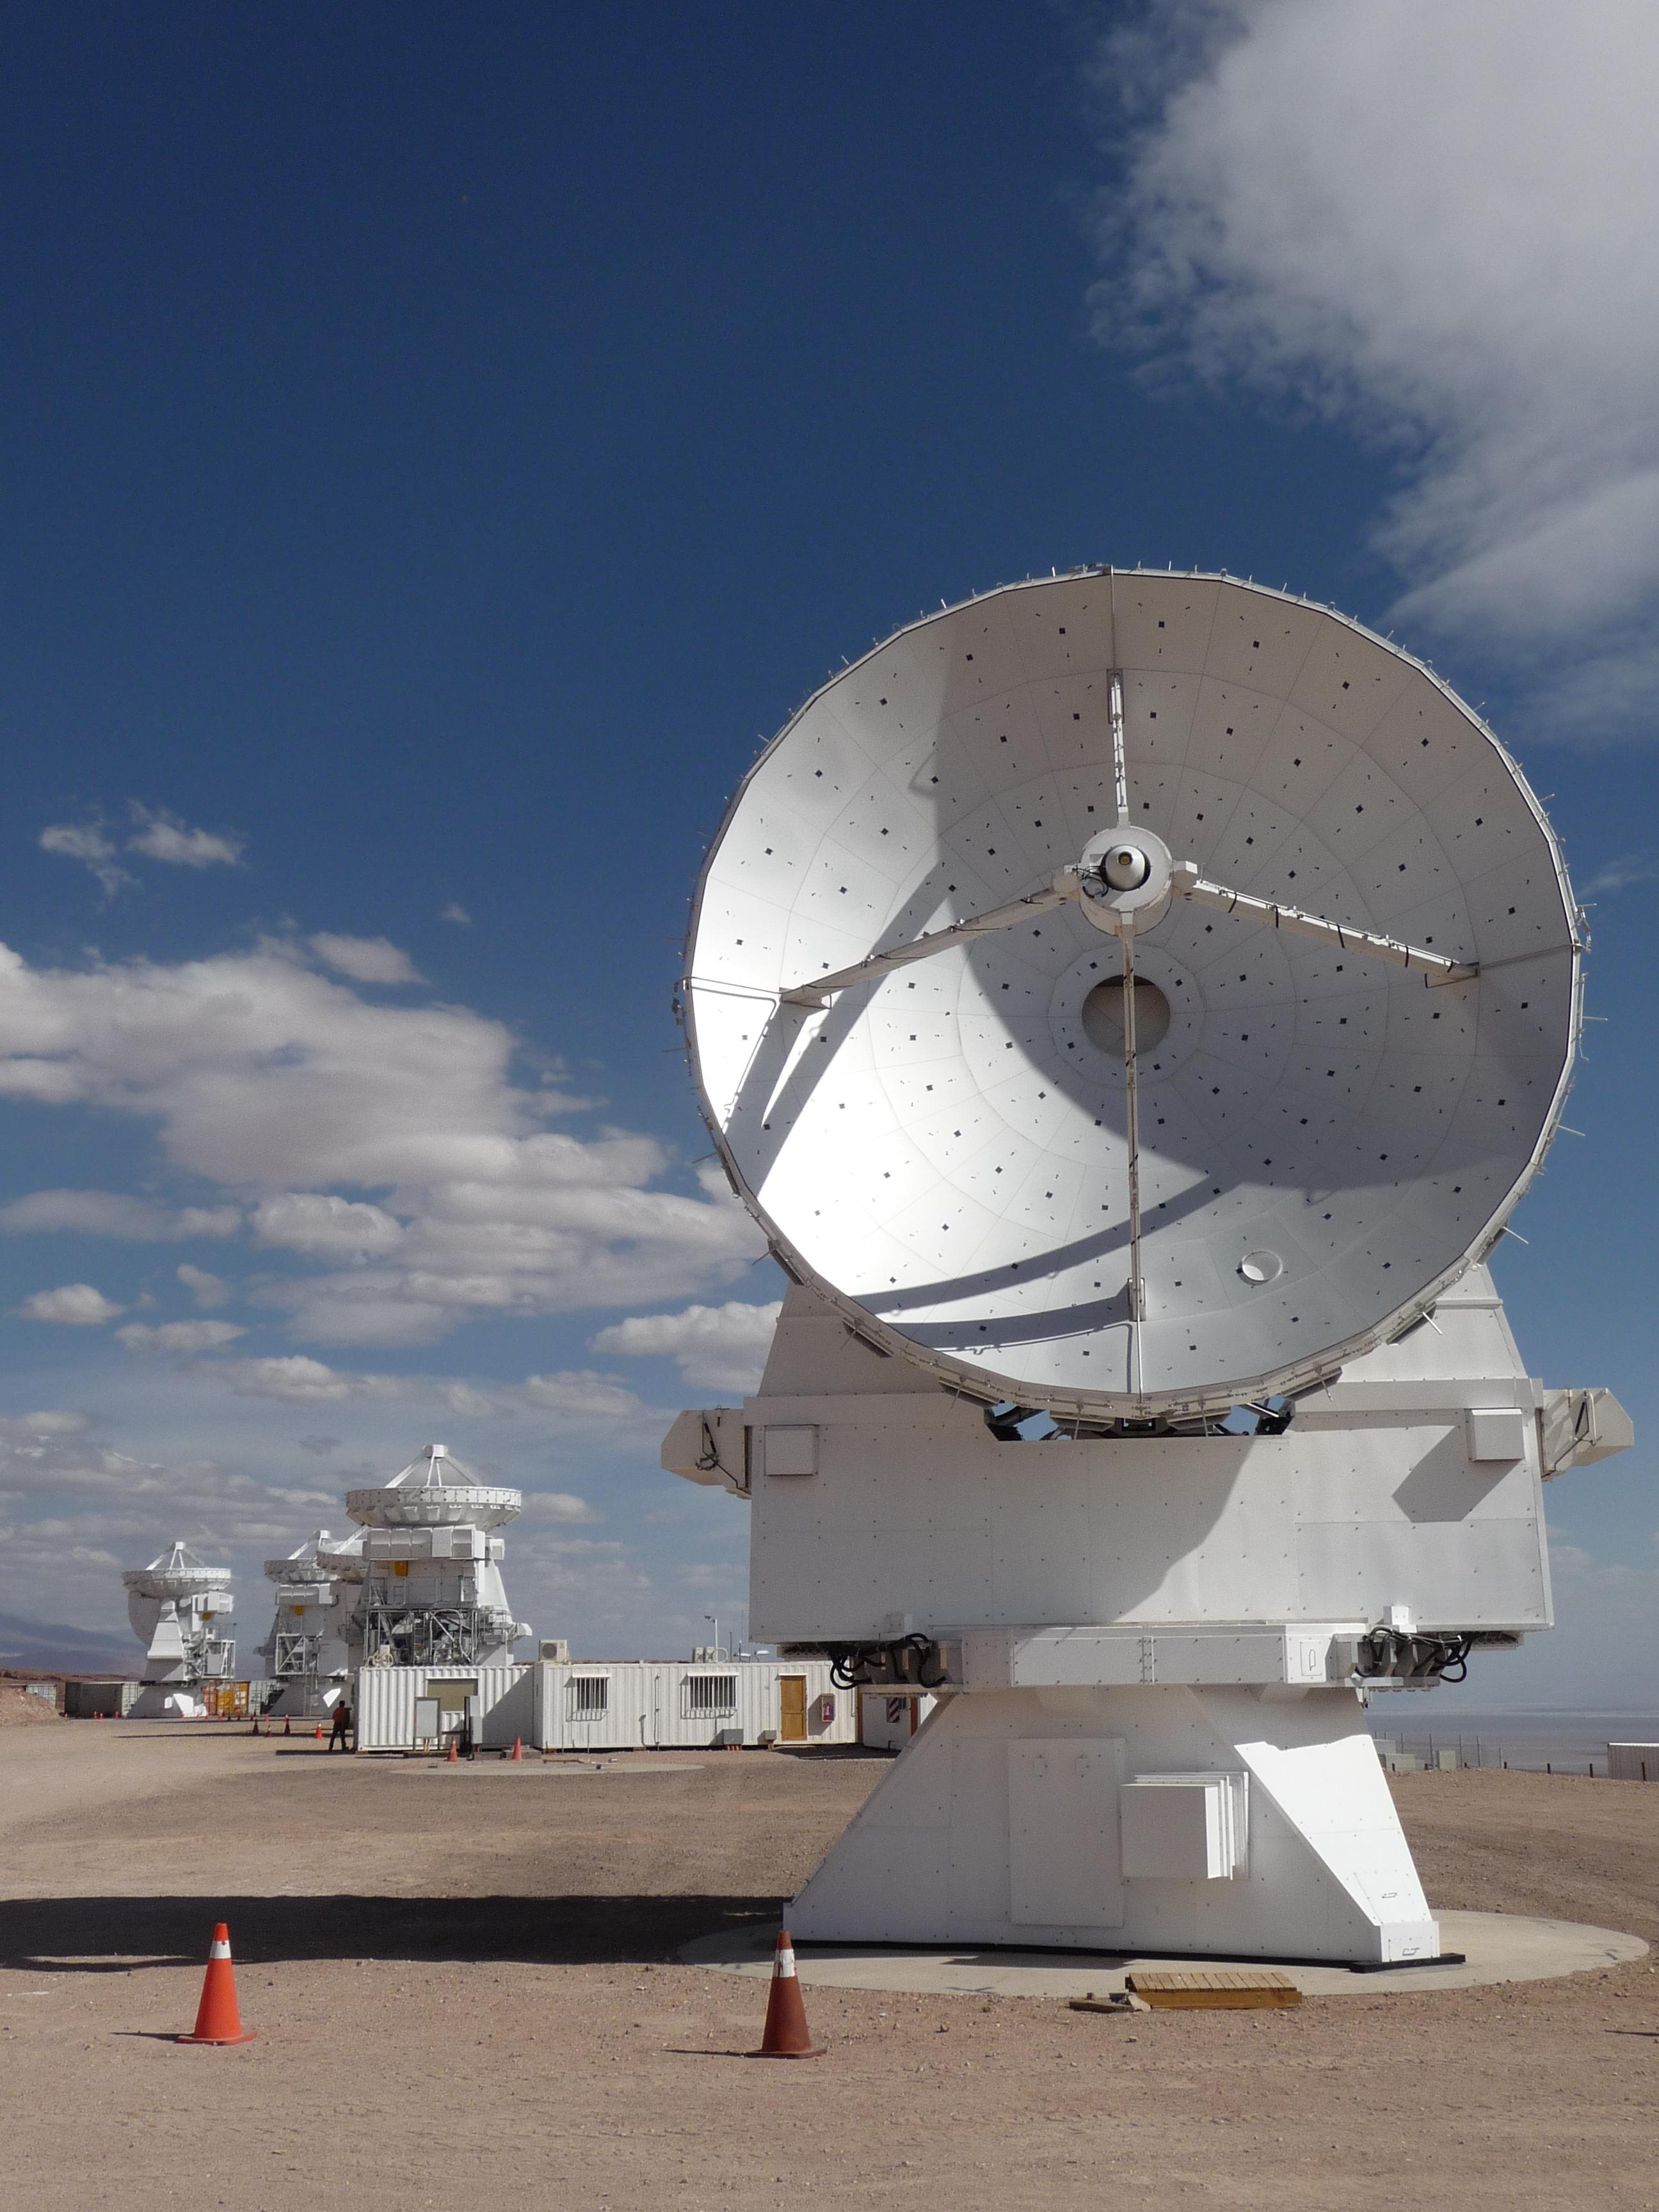 ALMA's Japanese 7-meter Antennas